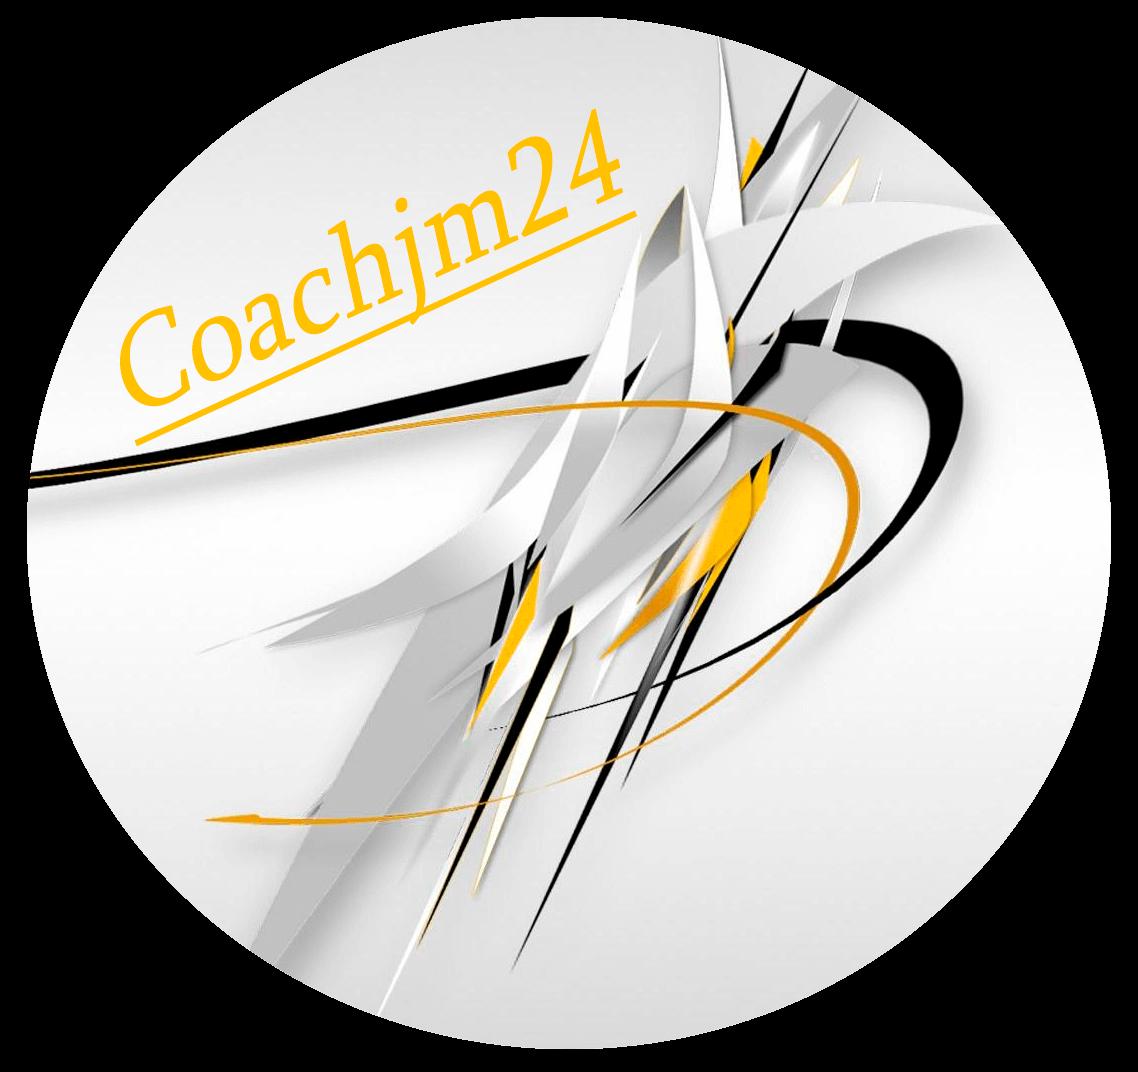 Coachjm24.com.es